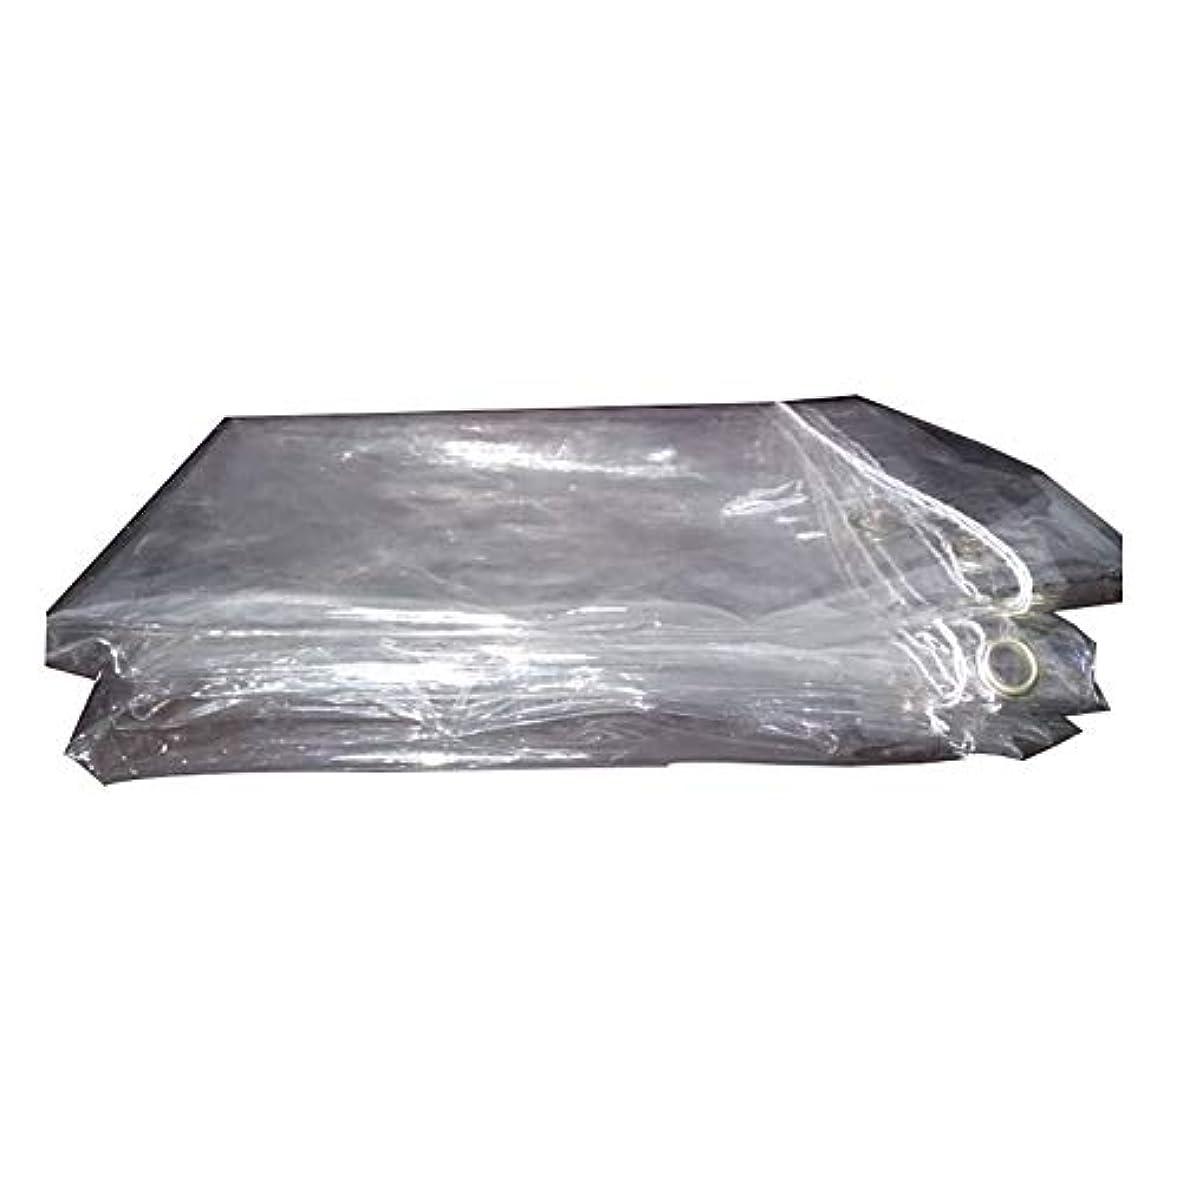 擁する汚れたリップJJJJD 厚い透明な防水シート防水日除けの日よけ風防バルコニー防水布PVC柔らかいゴムの多機能の雨の布のフィルム (Size : 2m×2m)